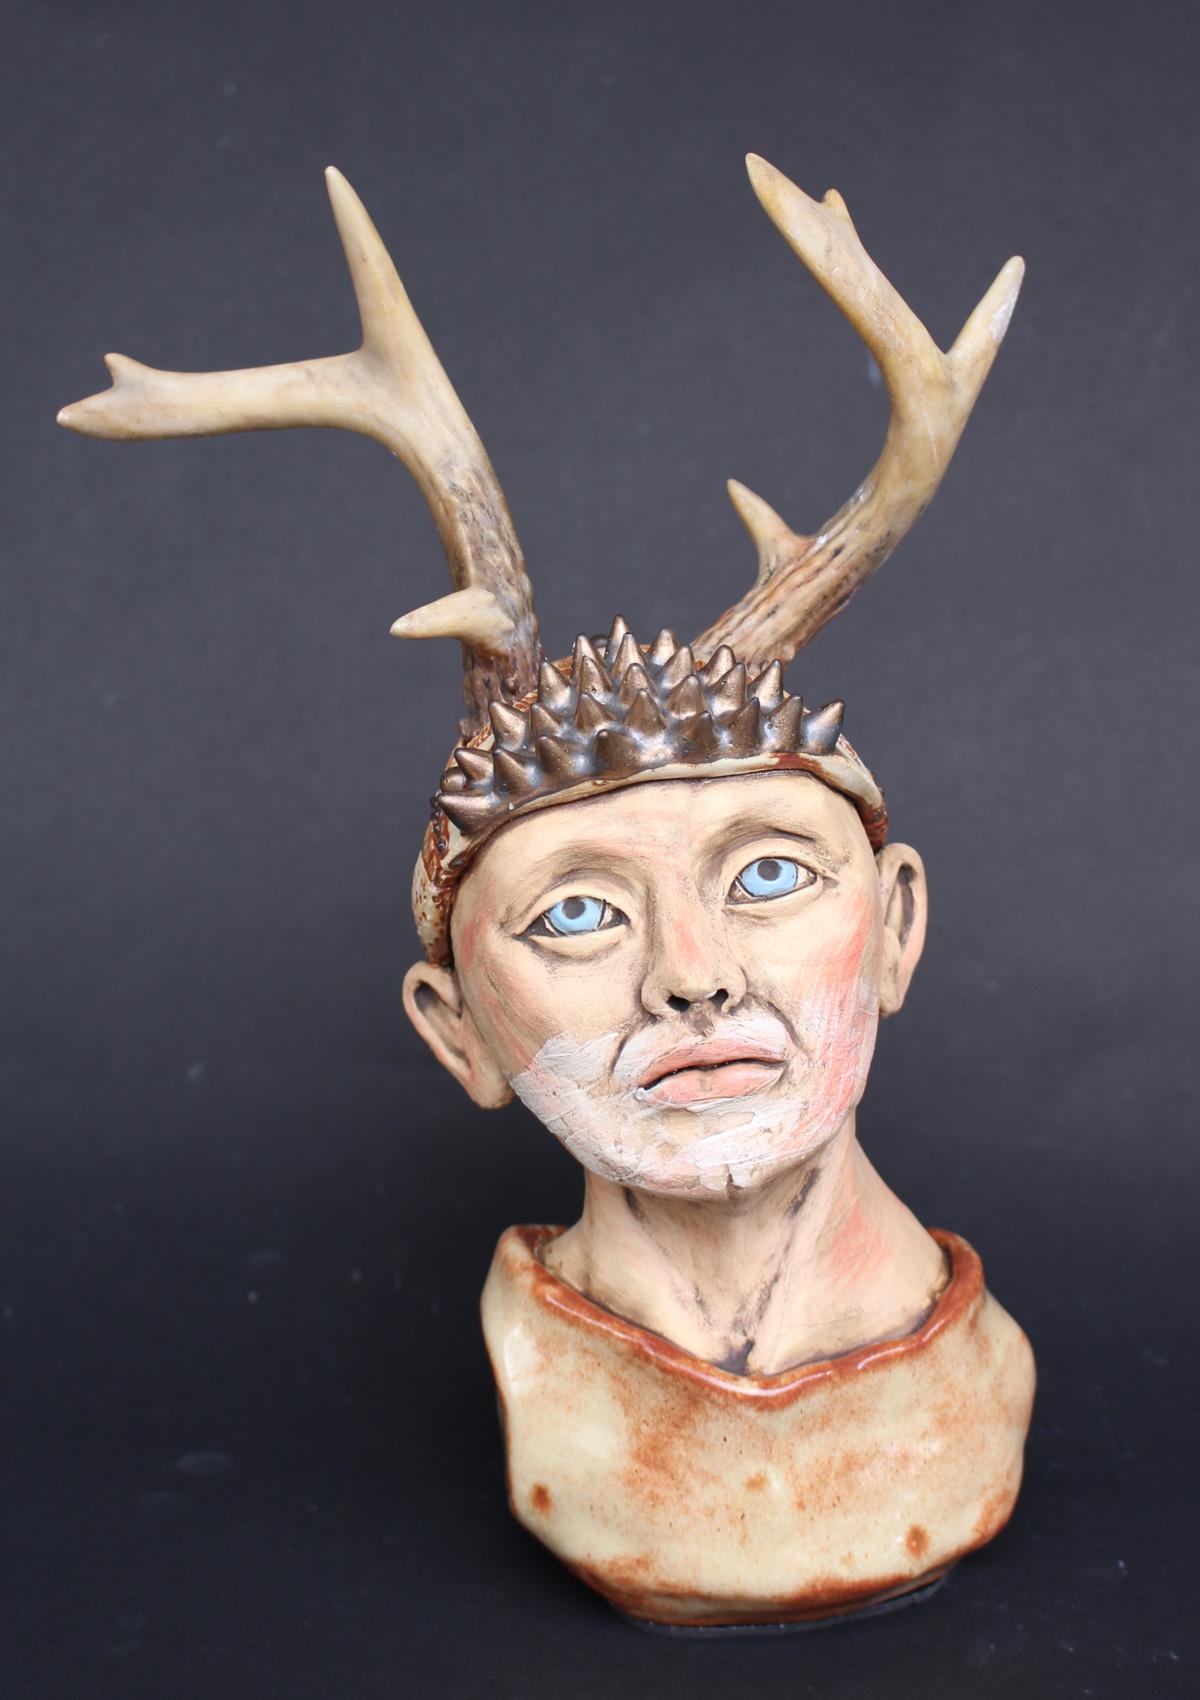 Horns on His Head